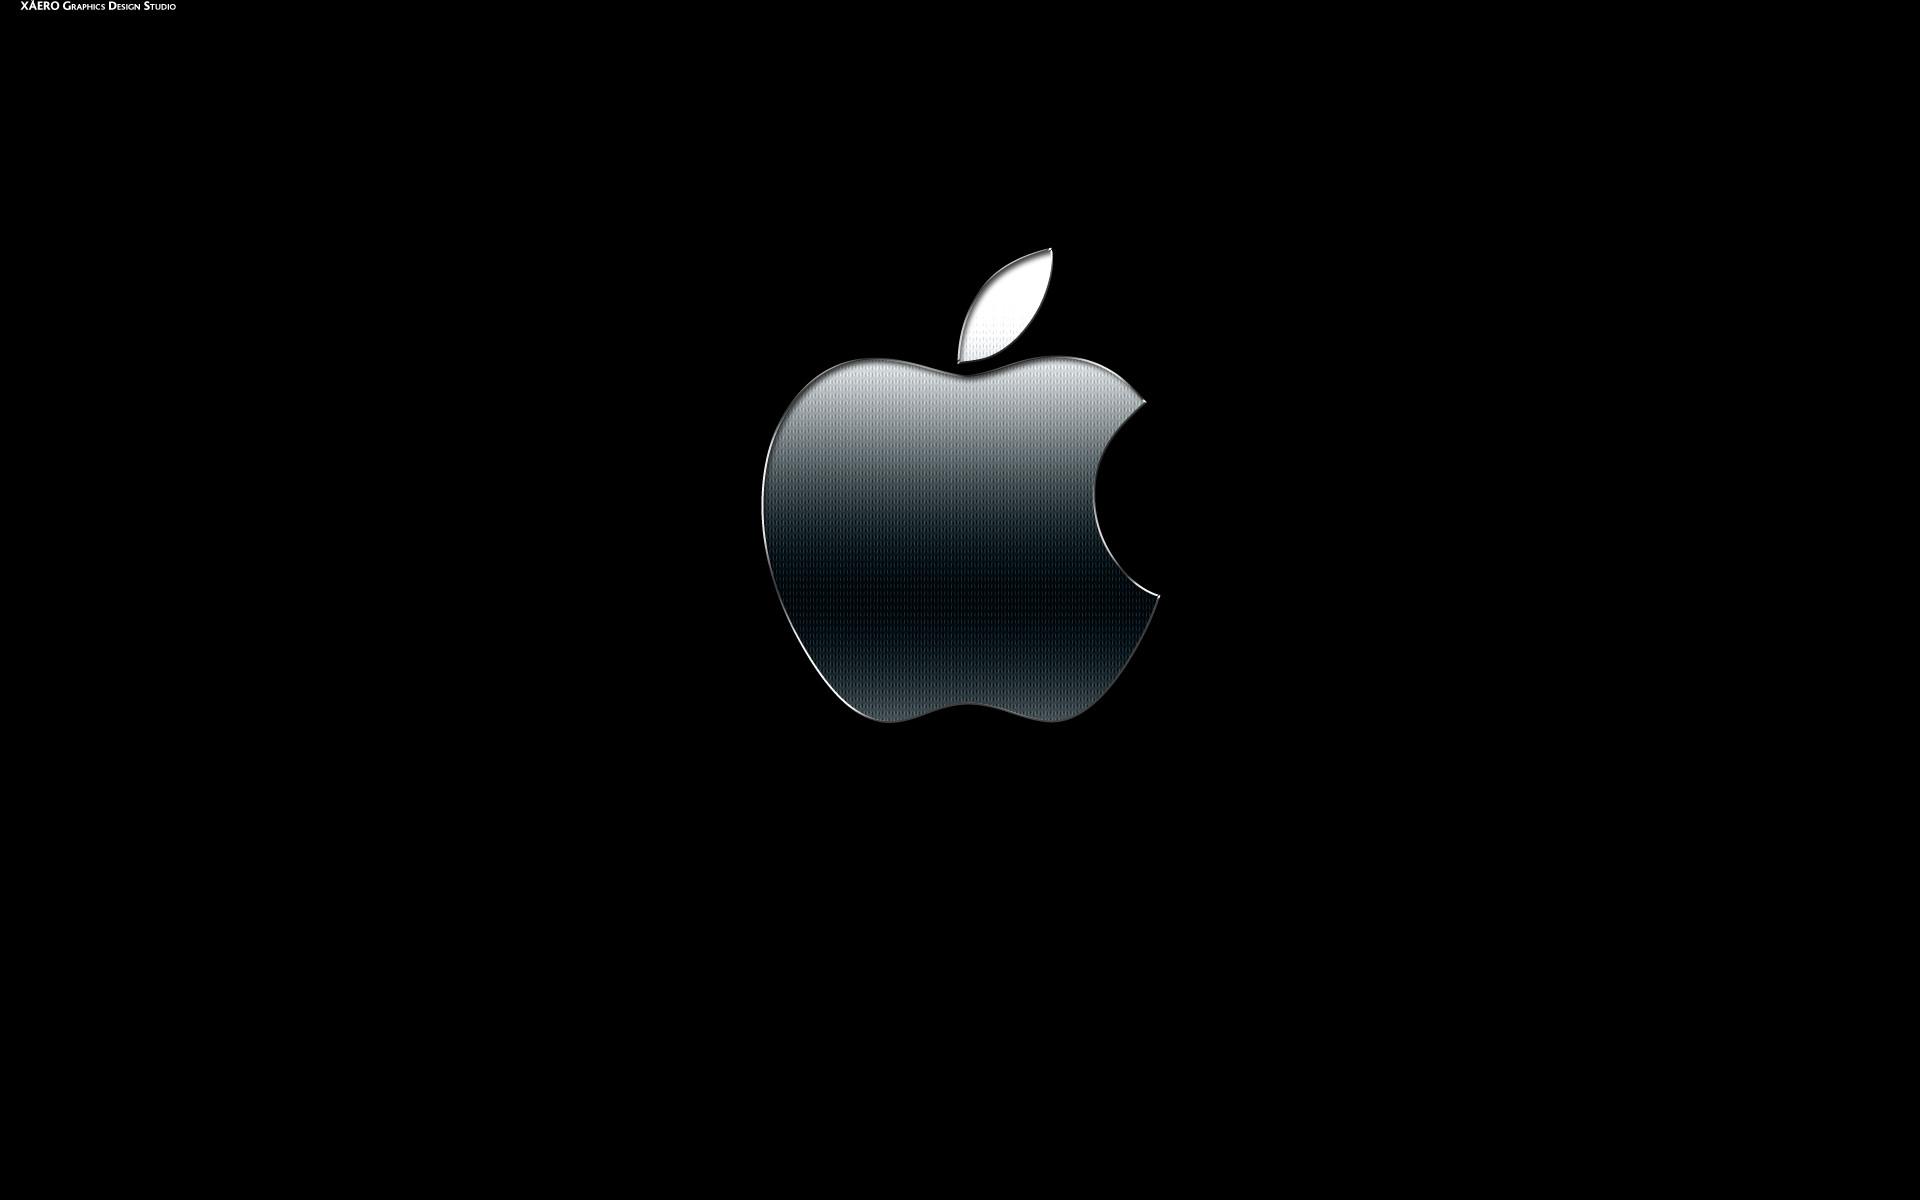 Apple Desktop Wallpaper HD ·①  Apple Desktop W...